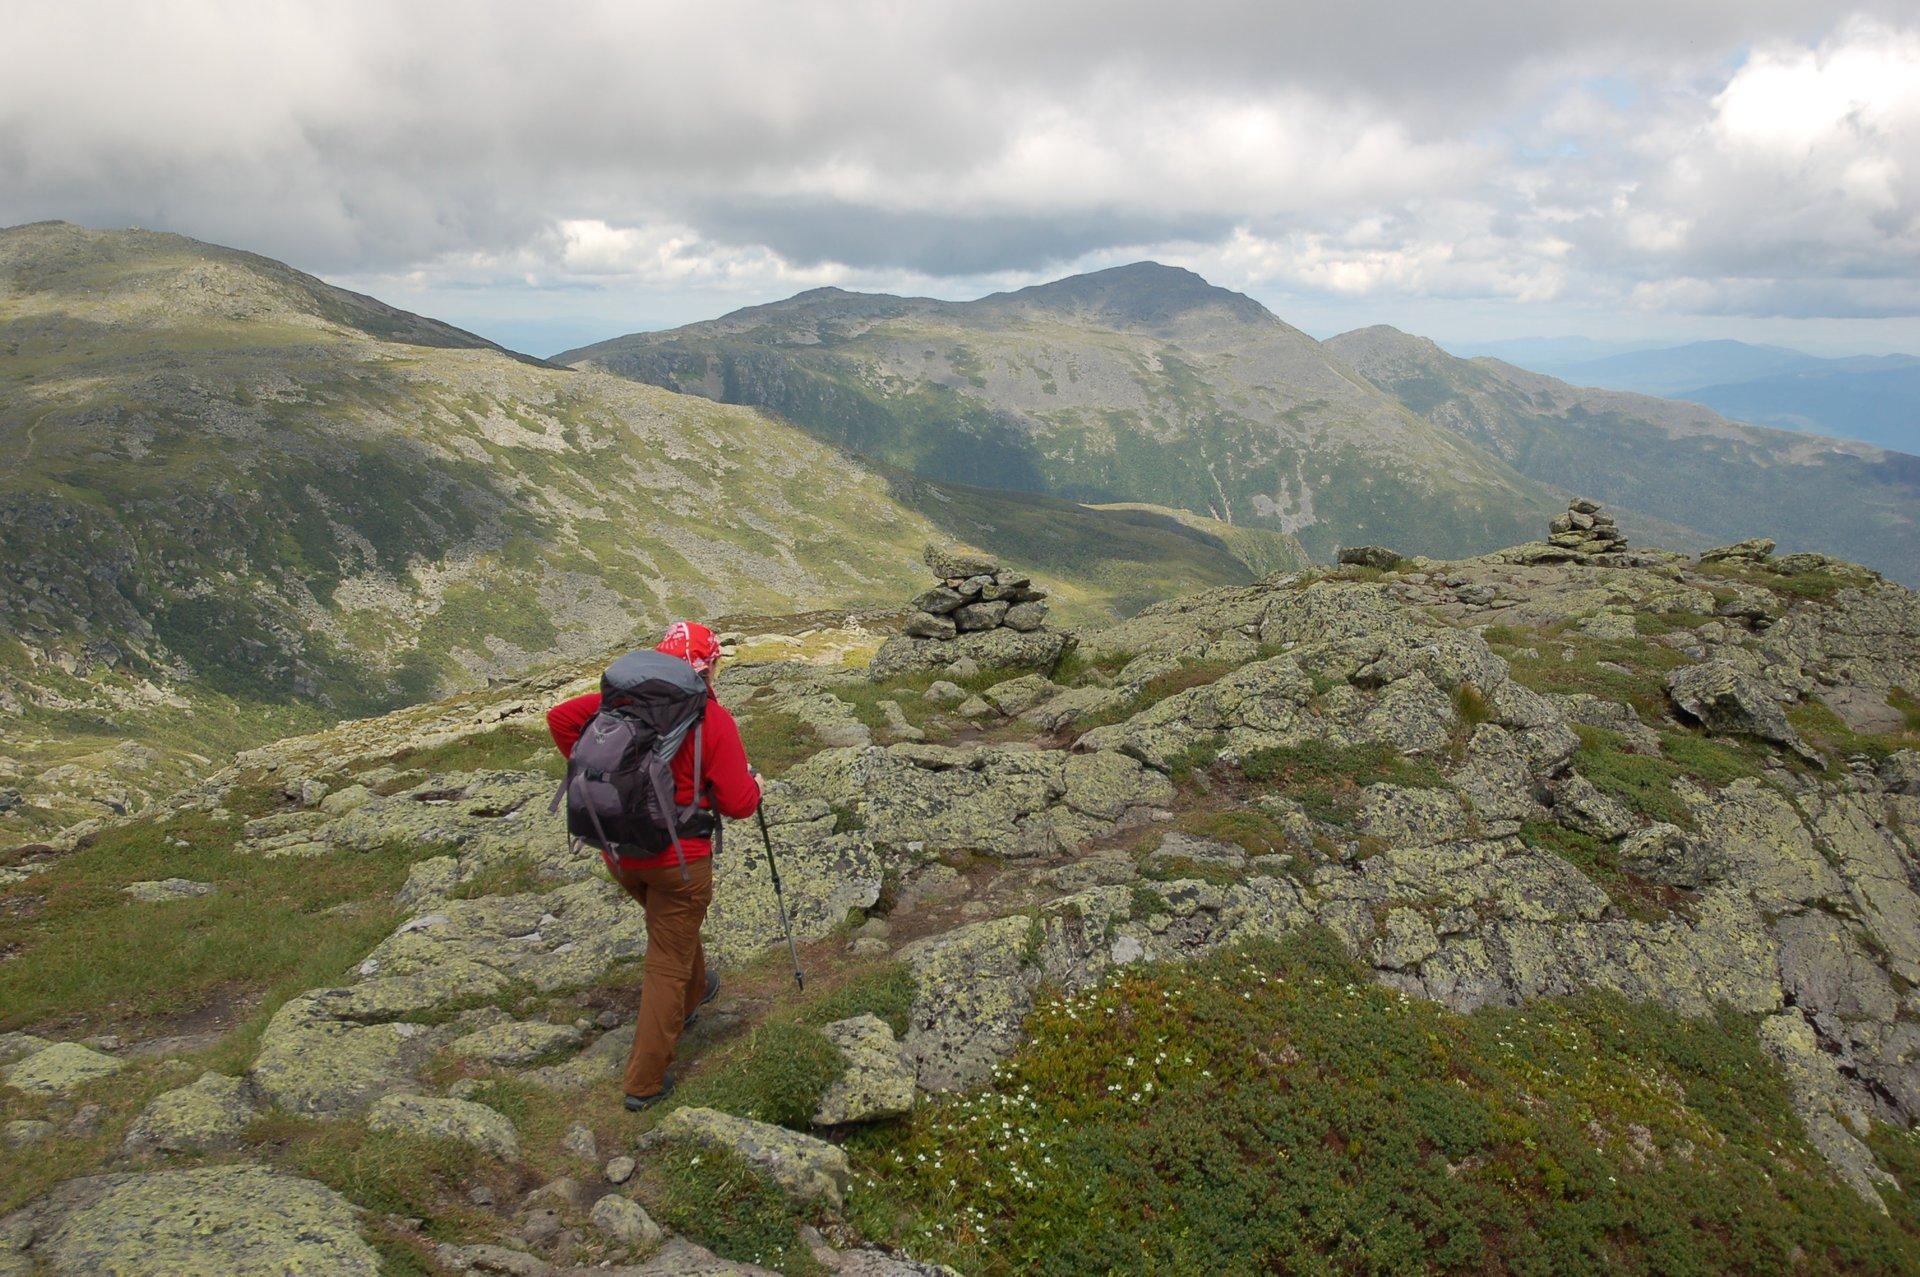 Mount Washington hike 2020